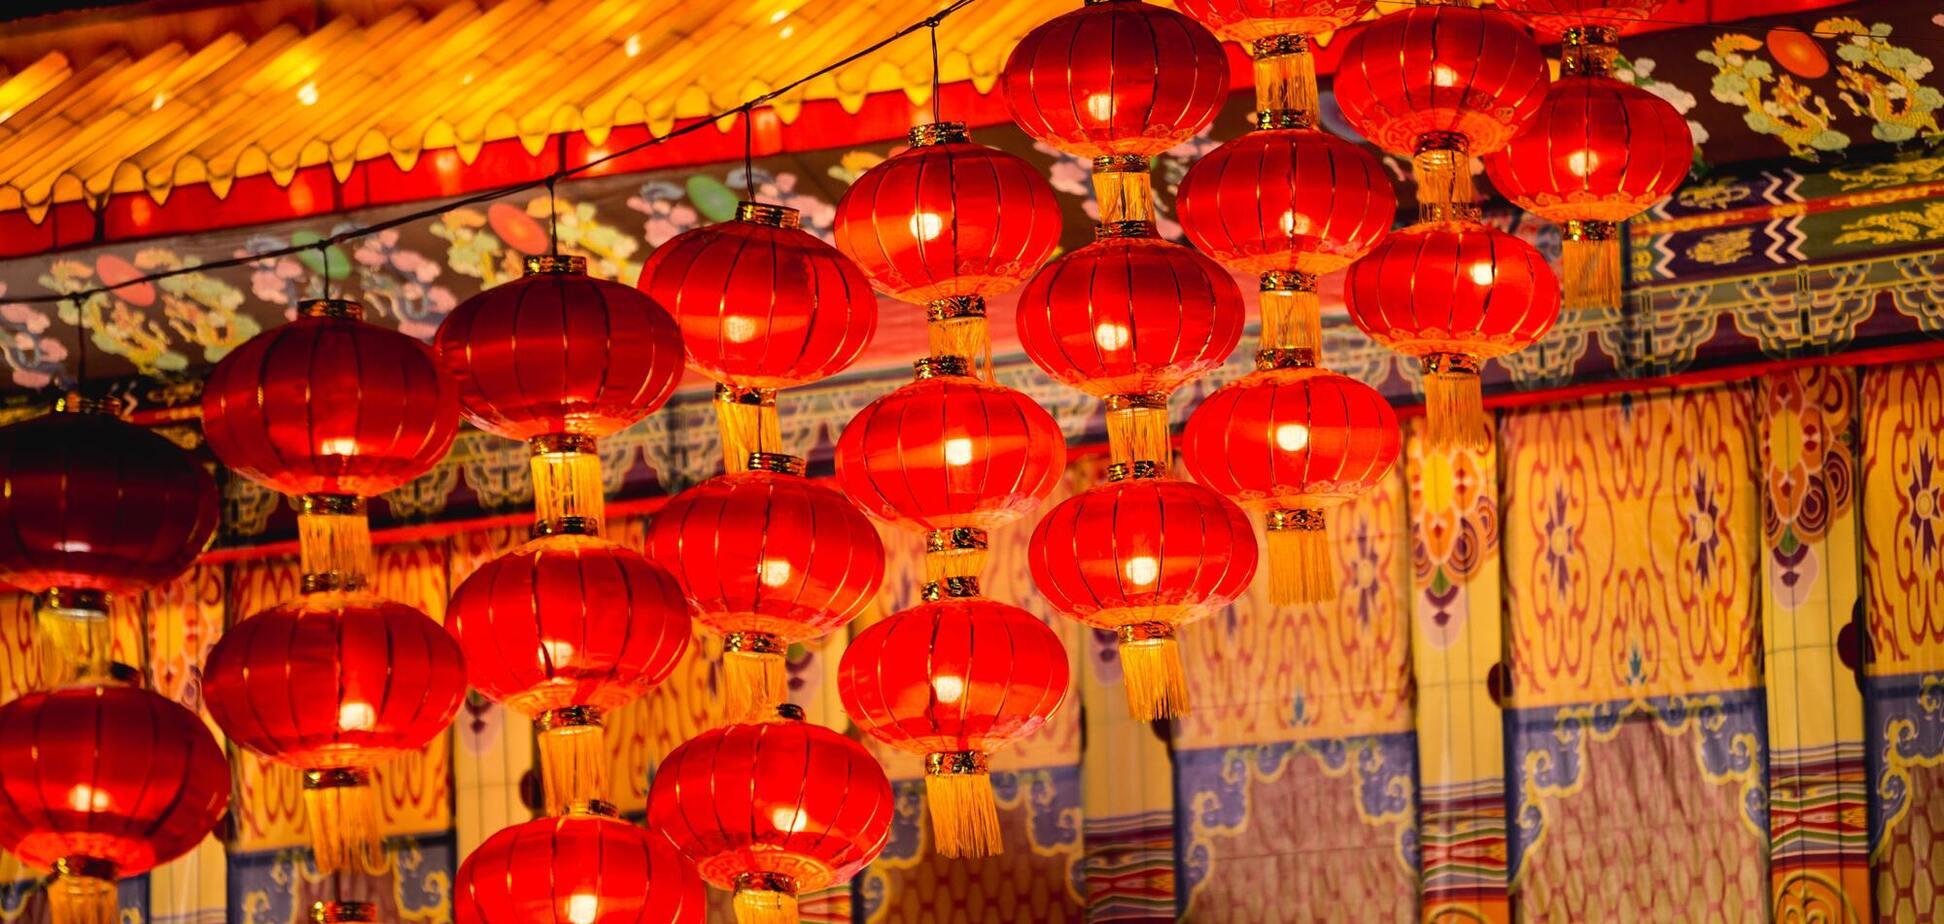 ВКитае Новый год отмечают две недели, чтобы задобрить его символ